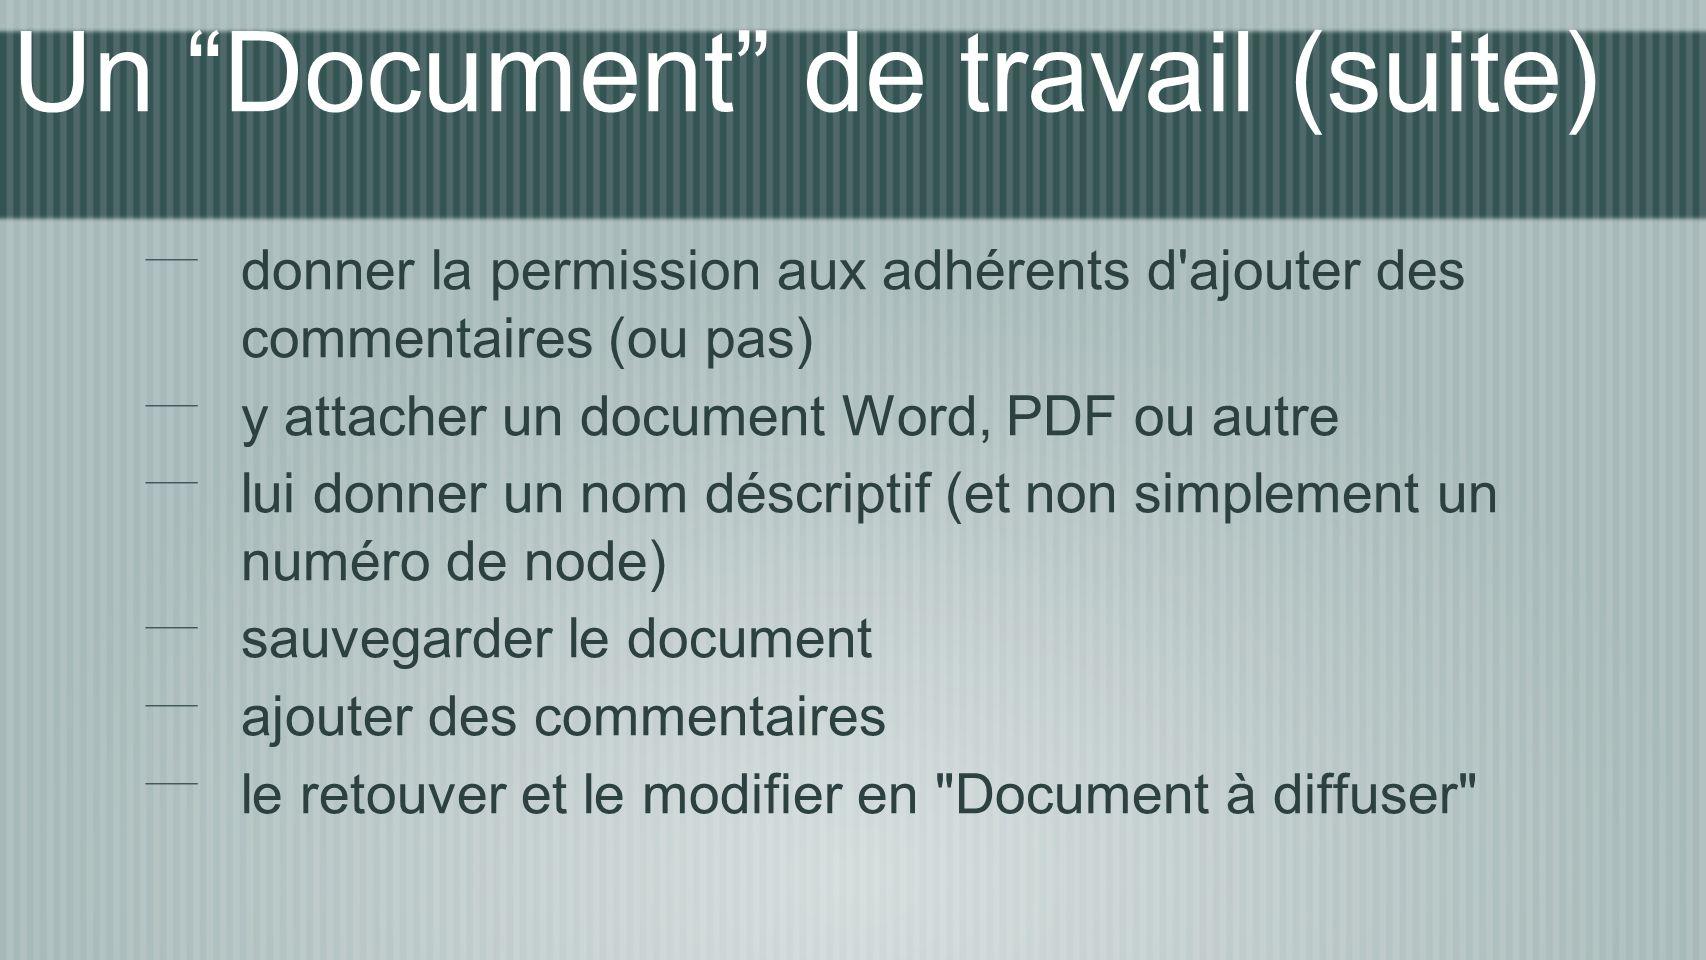 Un Document de travail (suite) donner la permission aux adhérents d ajouter des commentaires (ou pas) y attacher un document Word, PDF ou autre lui donner un nom déscriptif (et non simplement un numéro de node) sauvegarder le document ajouter des commentaires le retouver et le modifier en Document à diffuser